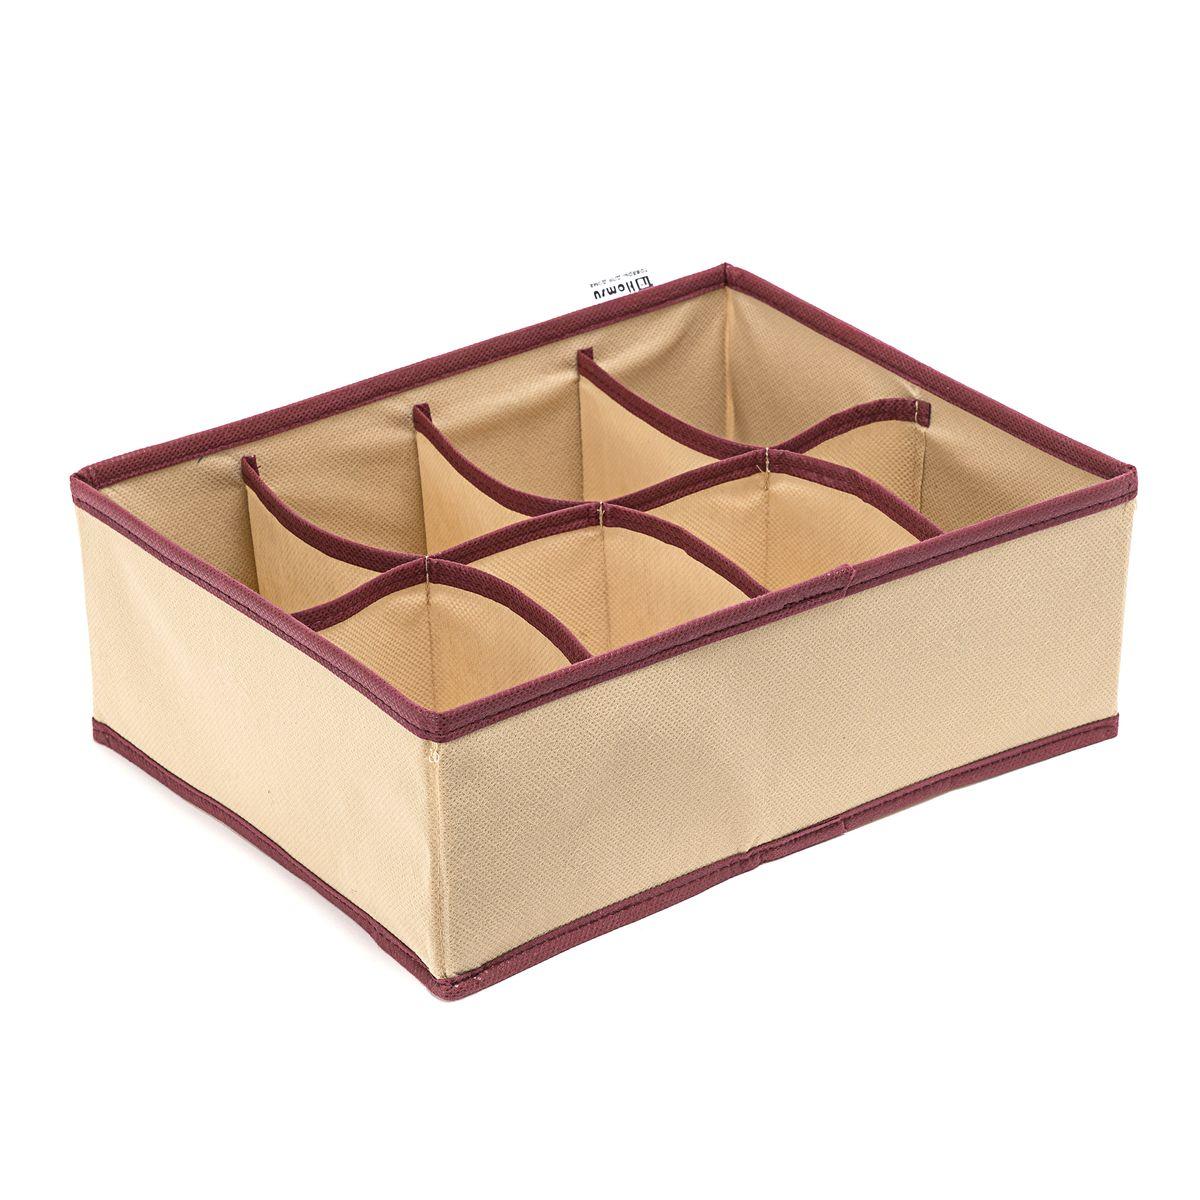 Органайзер Homsu Comfort, цвет: бежевый, 31 x 24 x 11 см. HOM-678HOM-678Органайзер Homsu  Comfort выполнен из спанбонда и поливинилхлорида. Прямоугольный, плоский органайзер имеет 8 раздельных ячеек, очень удобен для хранения вещей среднего размера в вашем ящике или на полке. Идеально для белья, шапок, рукавиц и других вещей ежедневного пользования. Имеет жесткие борта, что является гарантией сохранности вещей.